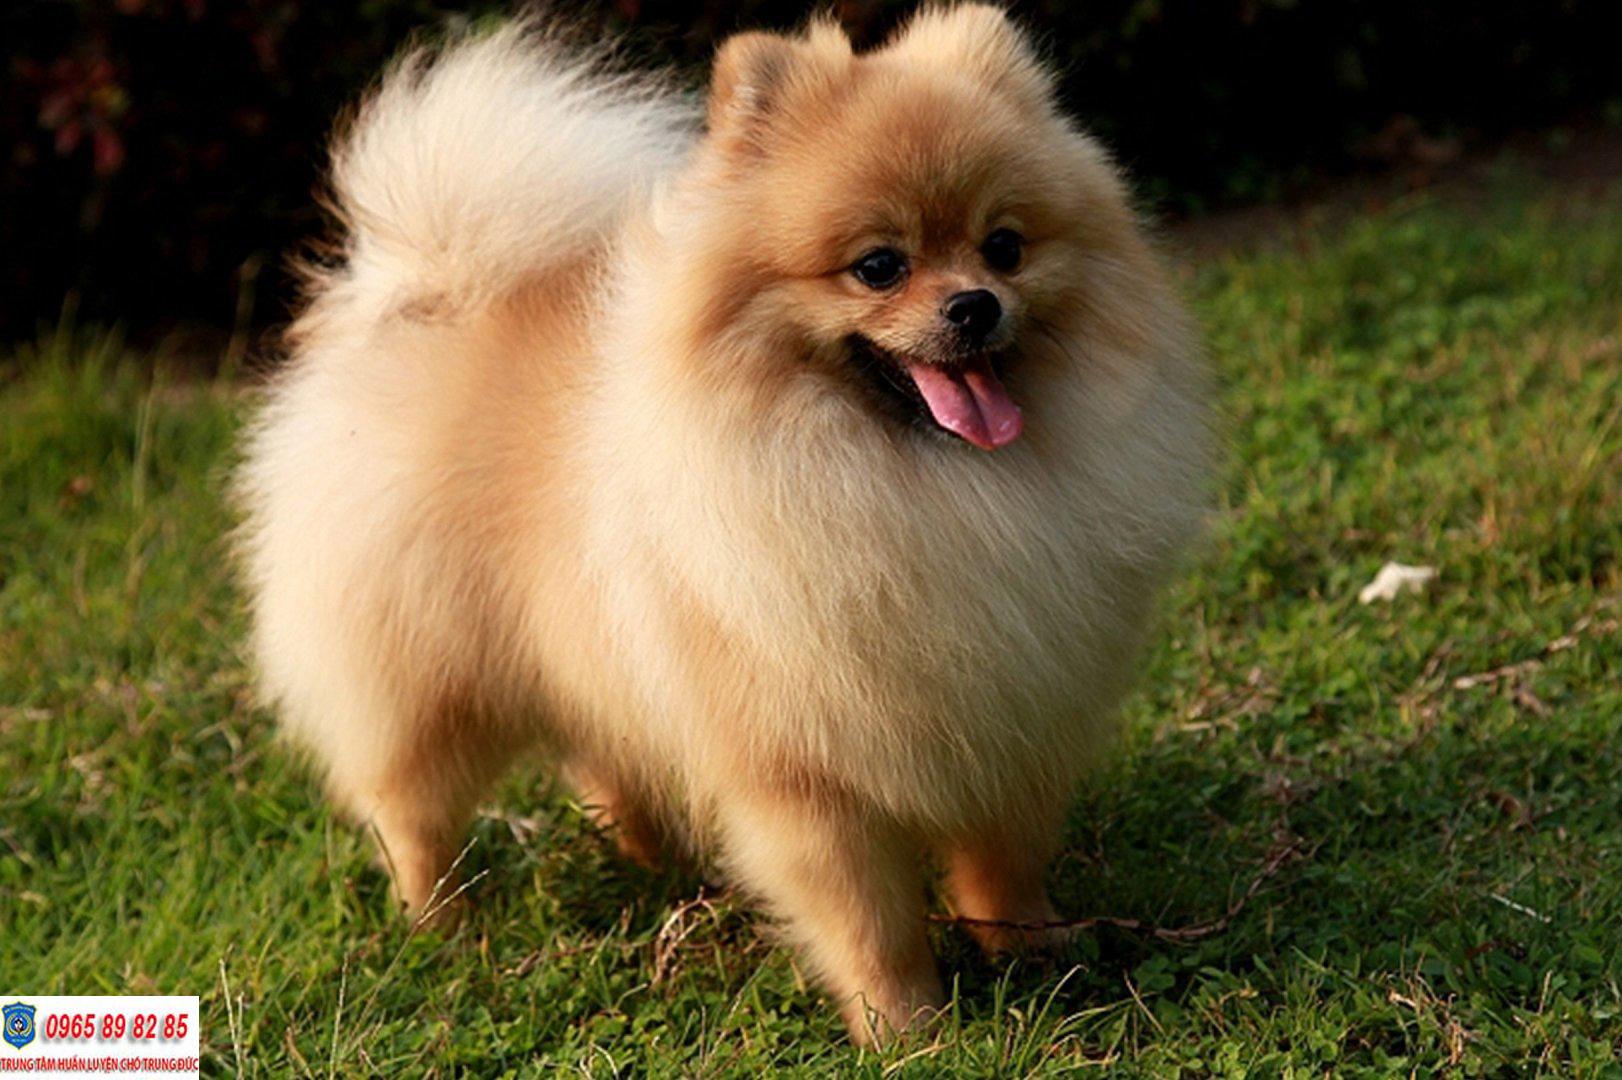 Kinh nghiệm chọn mua chó Phốc Sóc sao cho khỏe mạnh và đạt chuẩn